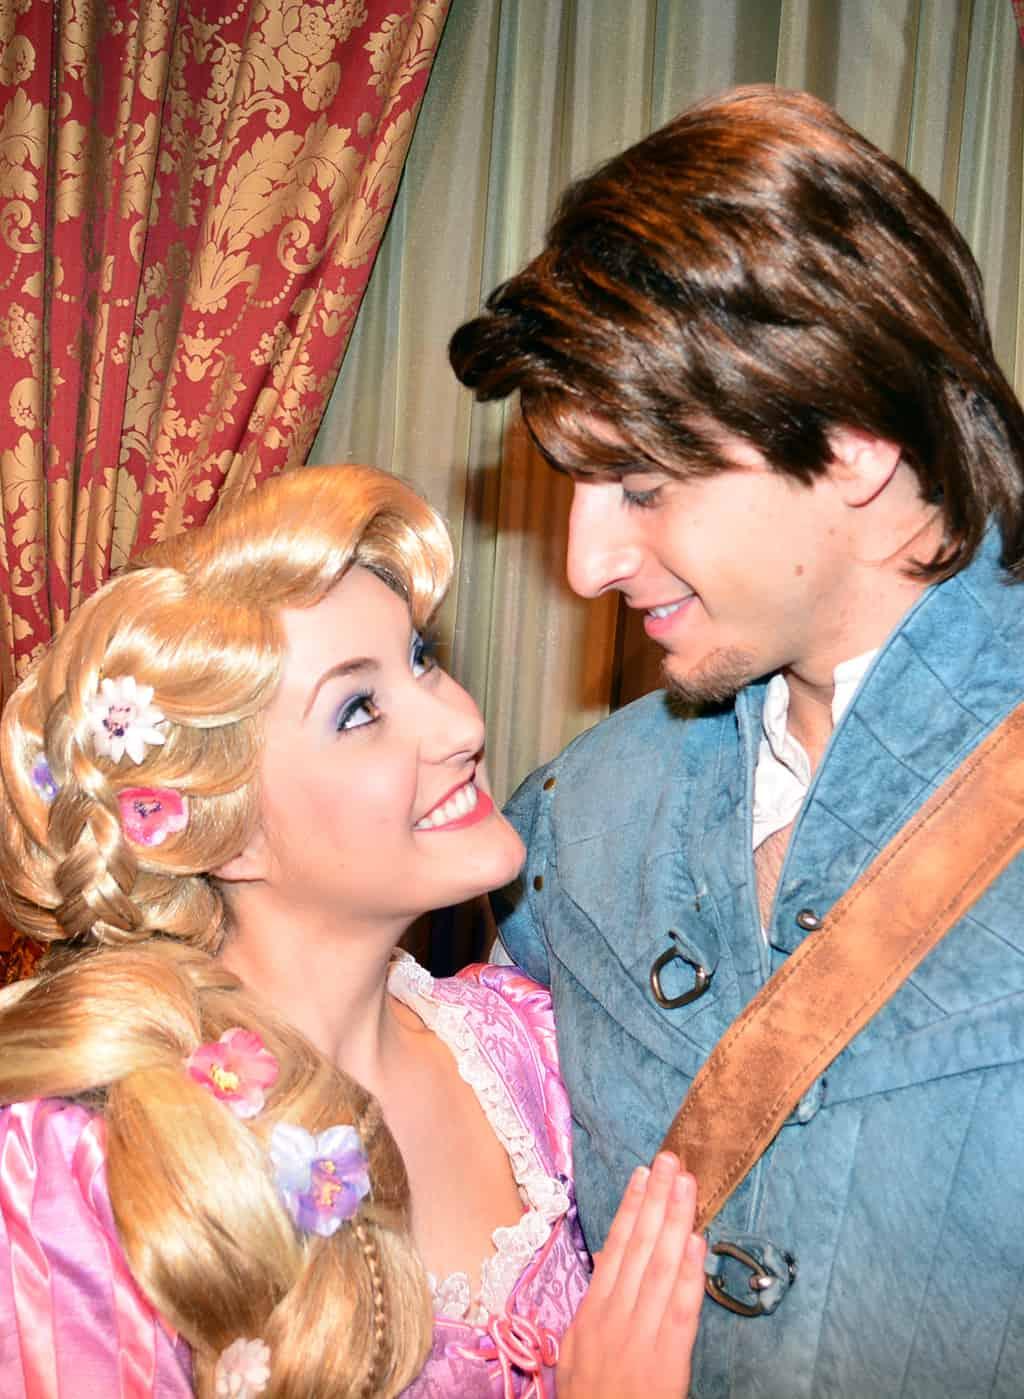 Walt Disney World Magic Kingdom Rapunzel And Flynn Rider